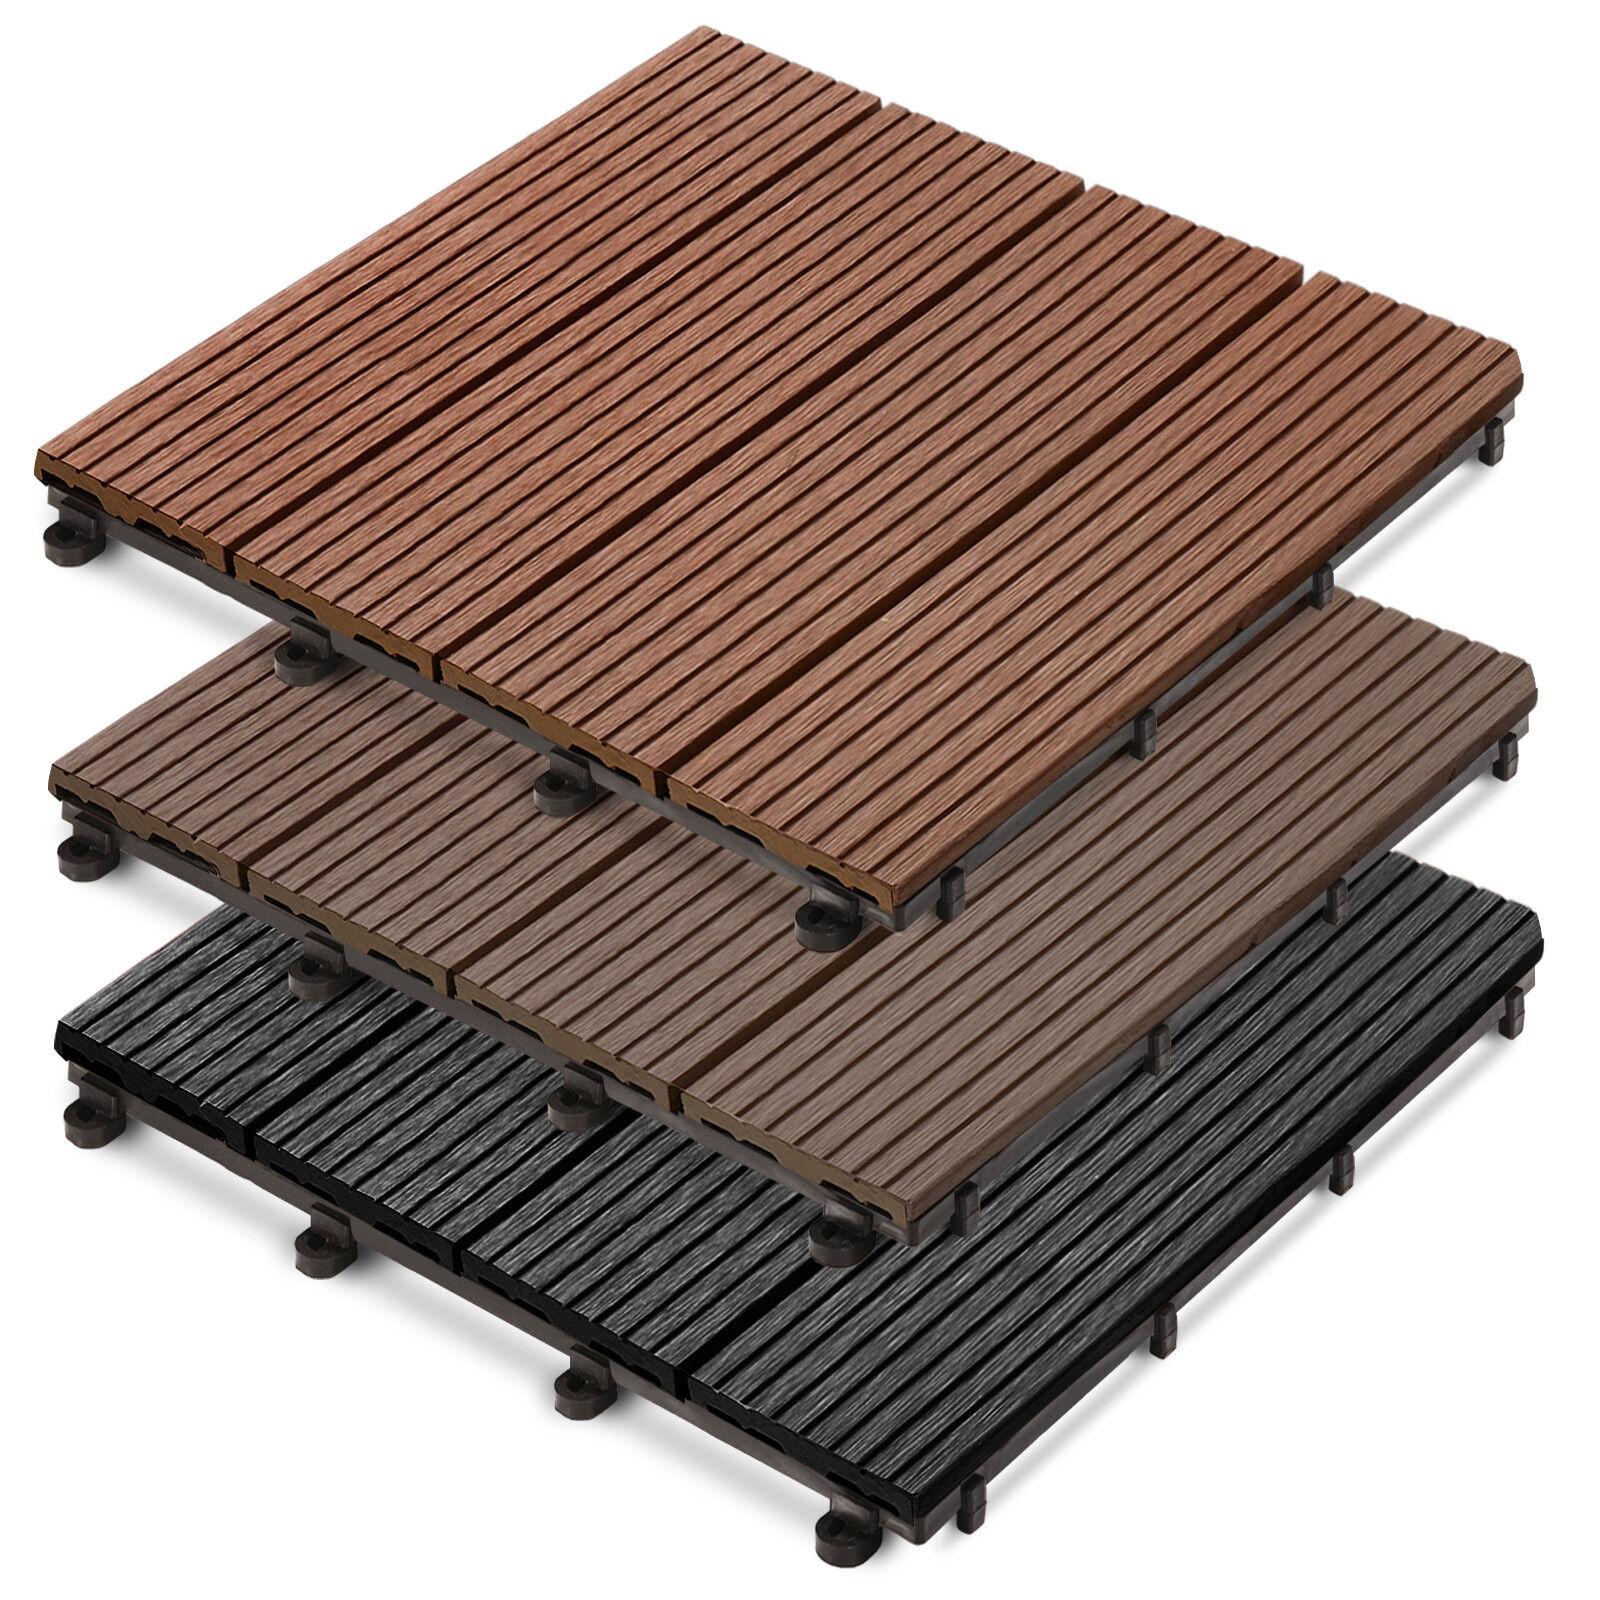 Terrassenplatten Plastik Verlegen - 28 Images - Terrassenfliesen Aus